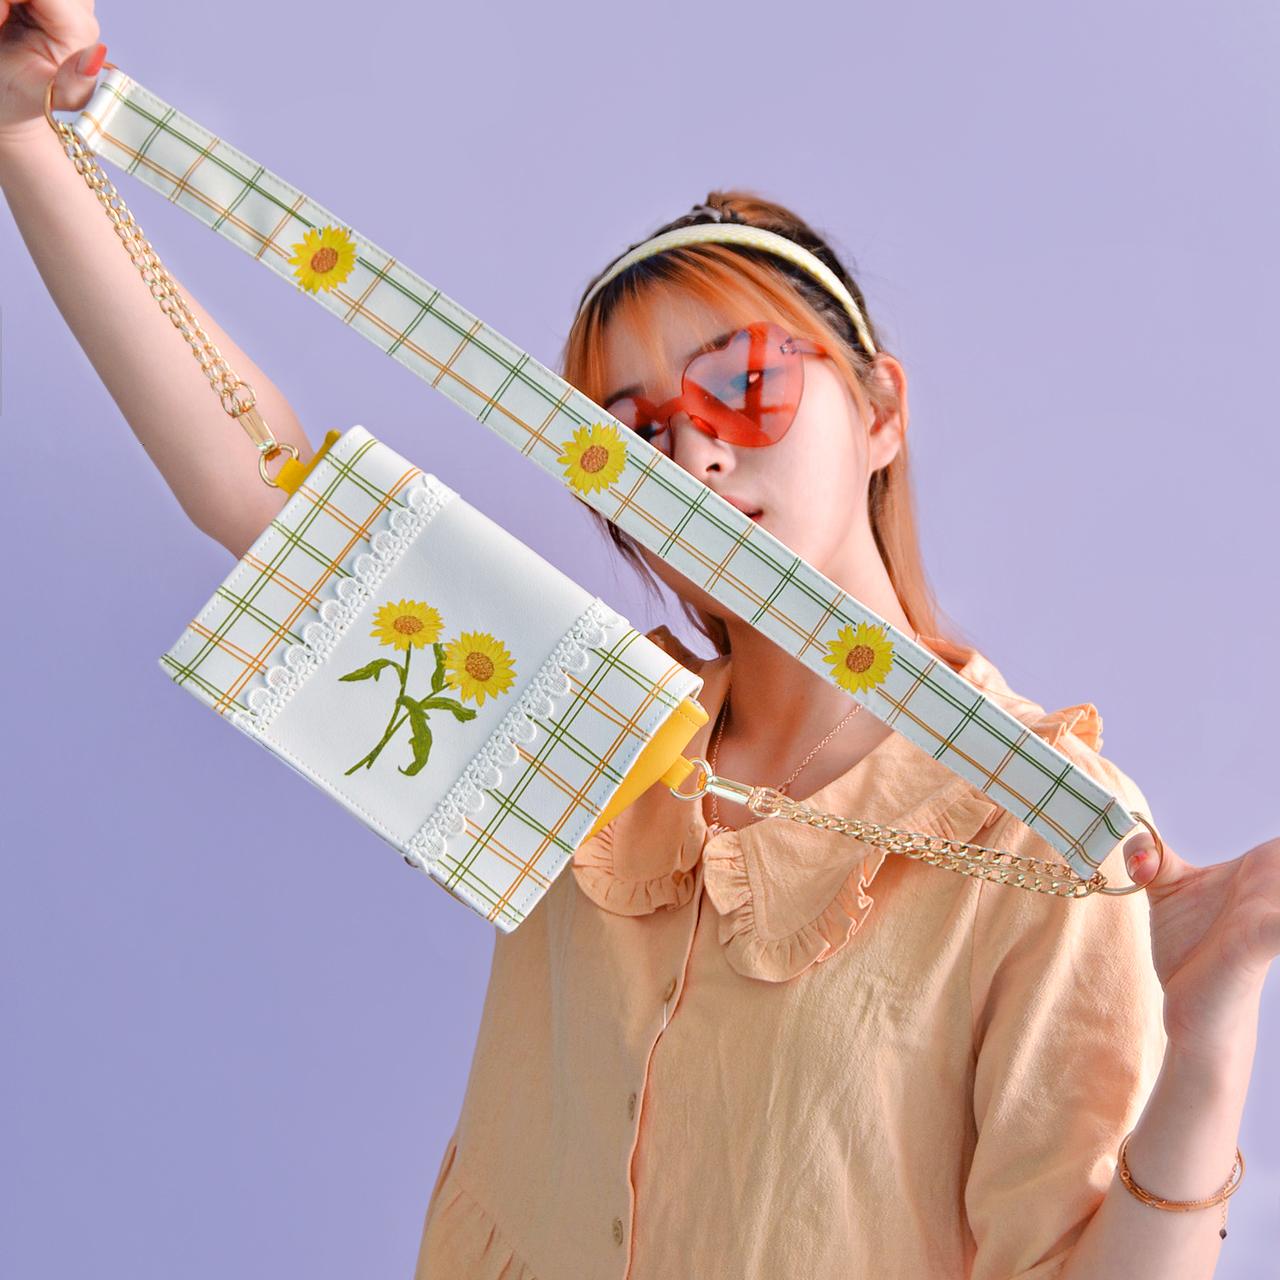 原创向日葵夏季小包包�0�2可爱小清新包包女斜挎夏天学生百搭斜